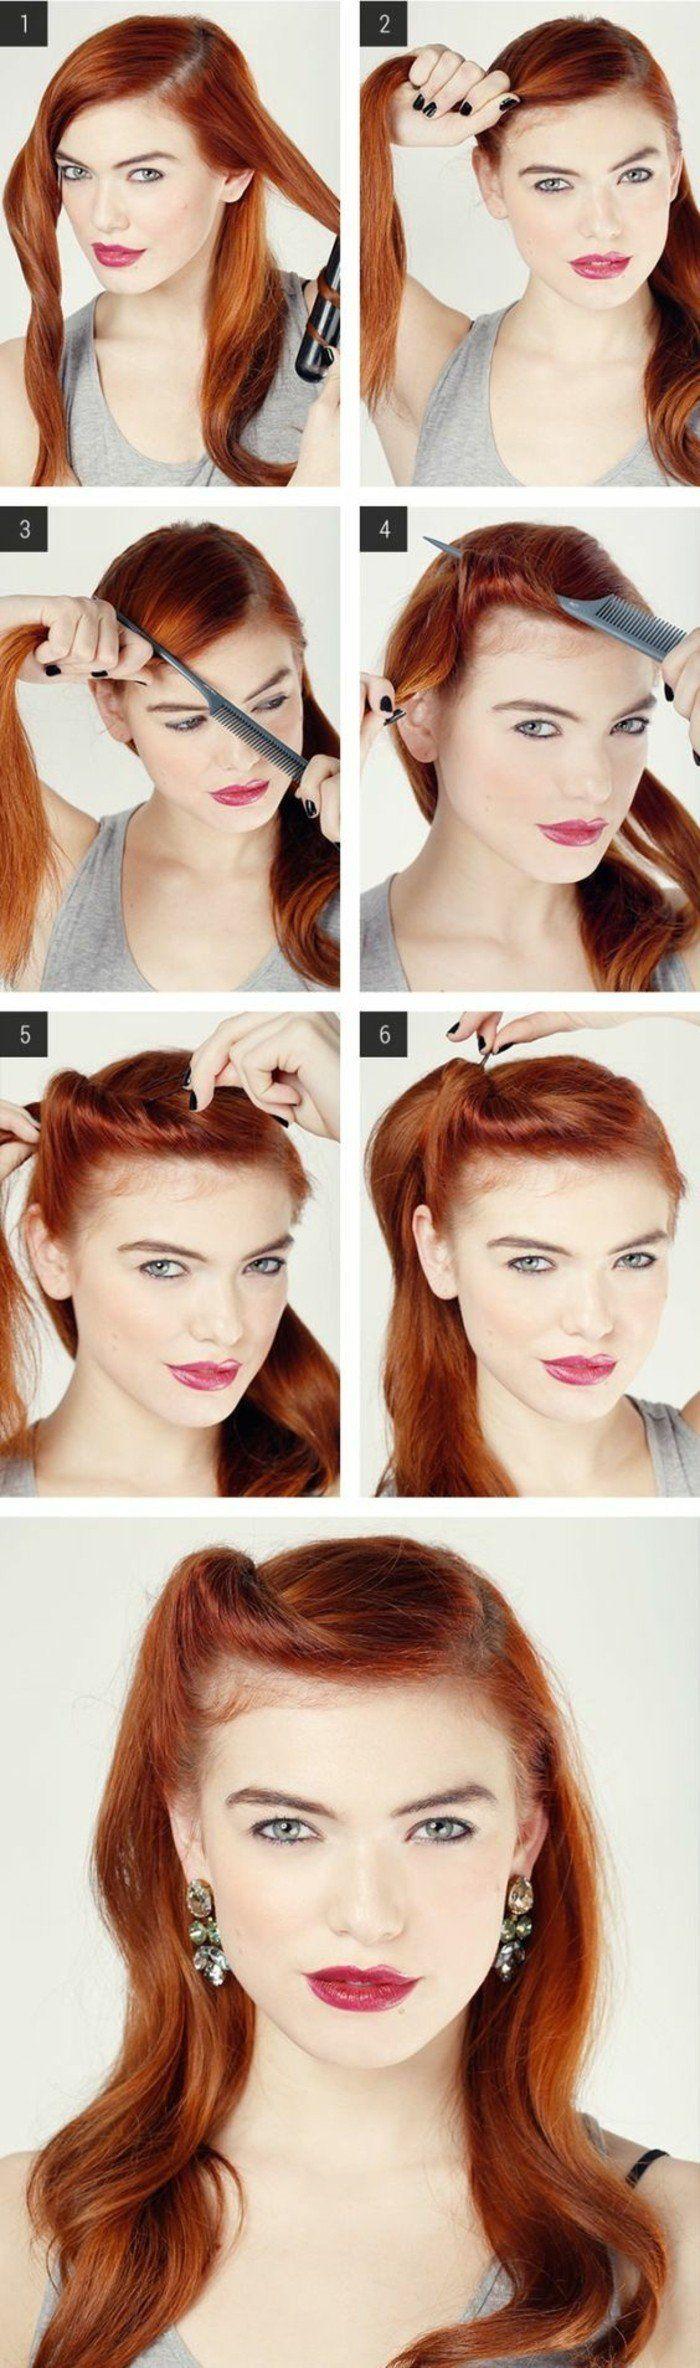 coiffure simple et rapide, cheveux rouges femme, tutoriel coiffure